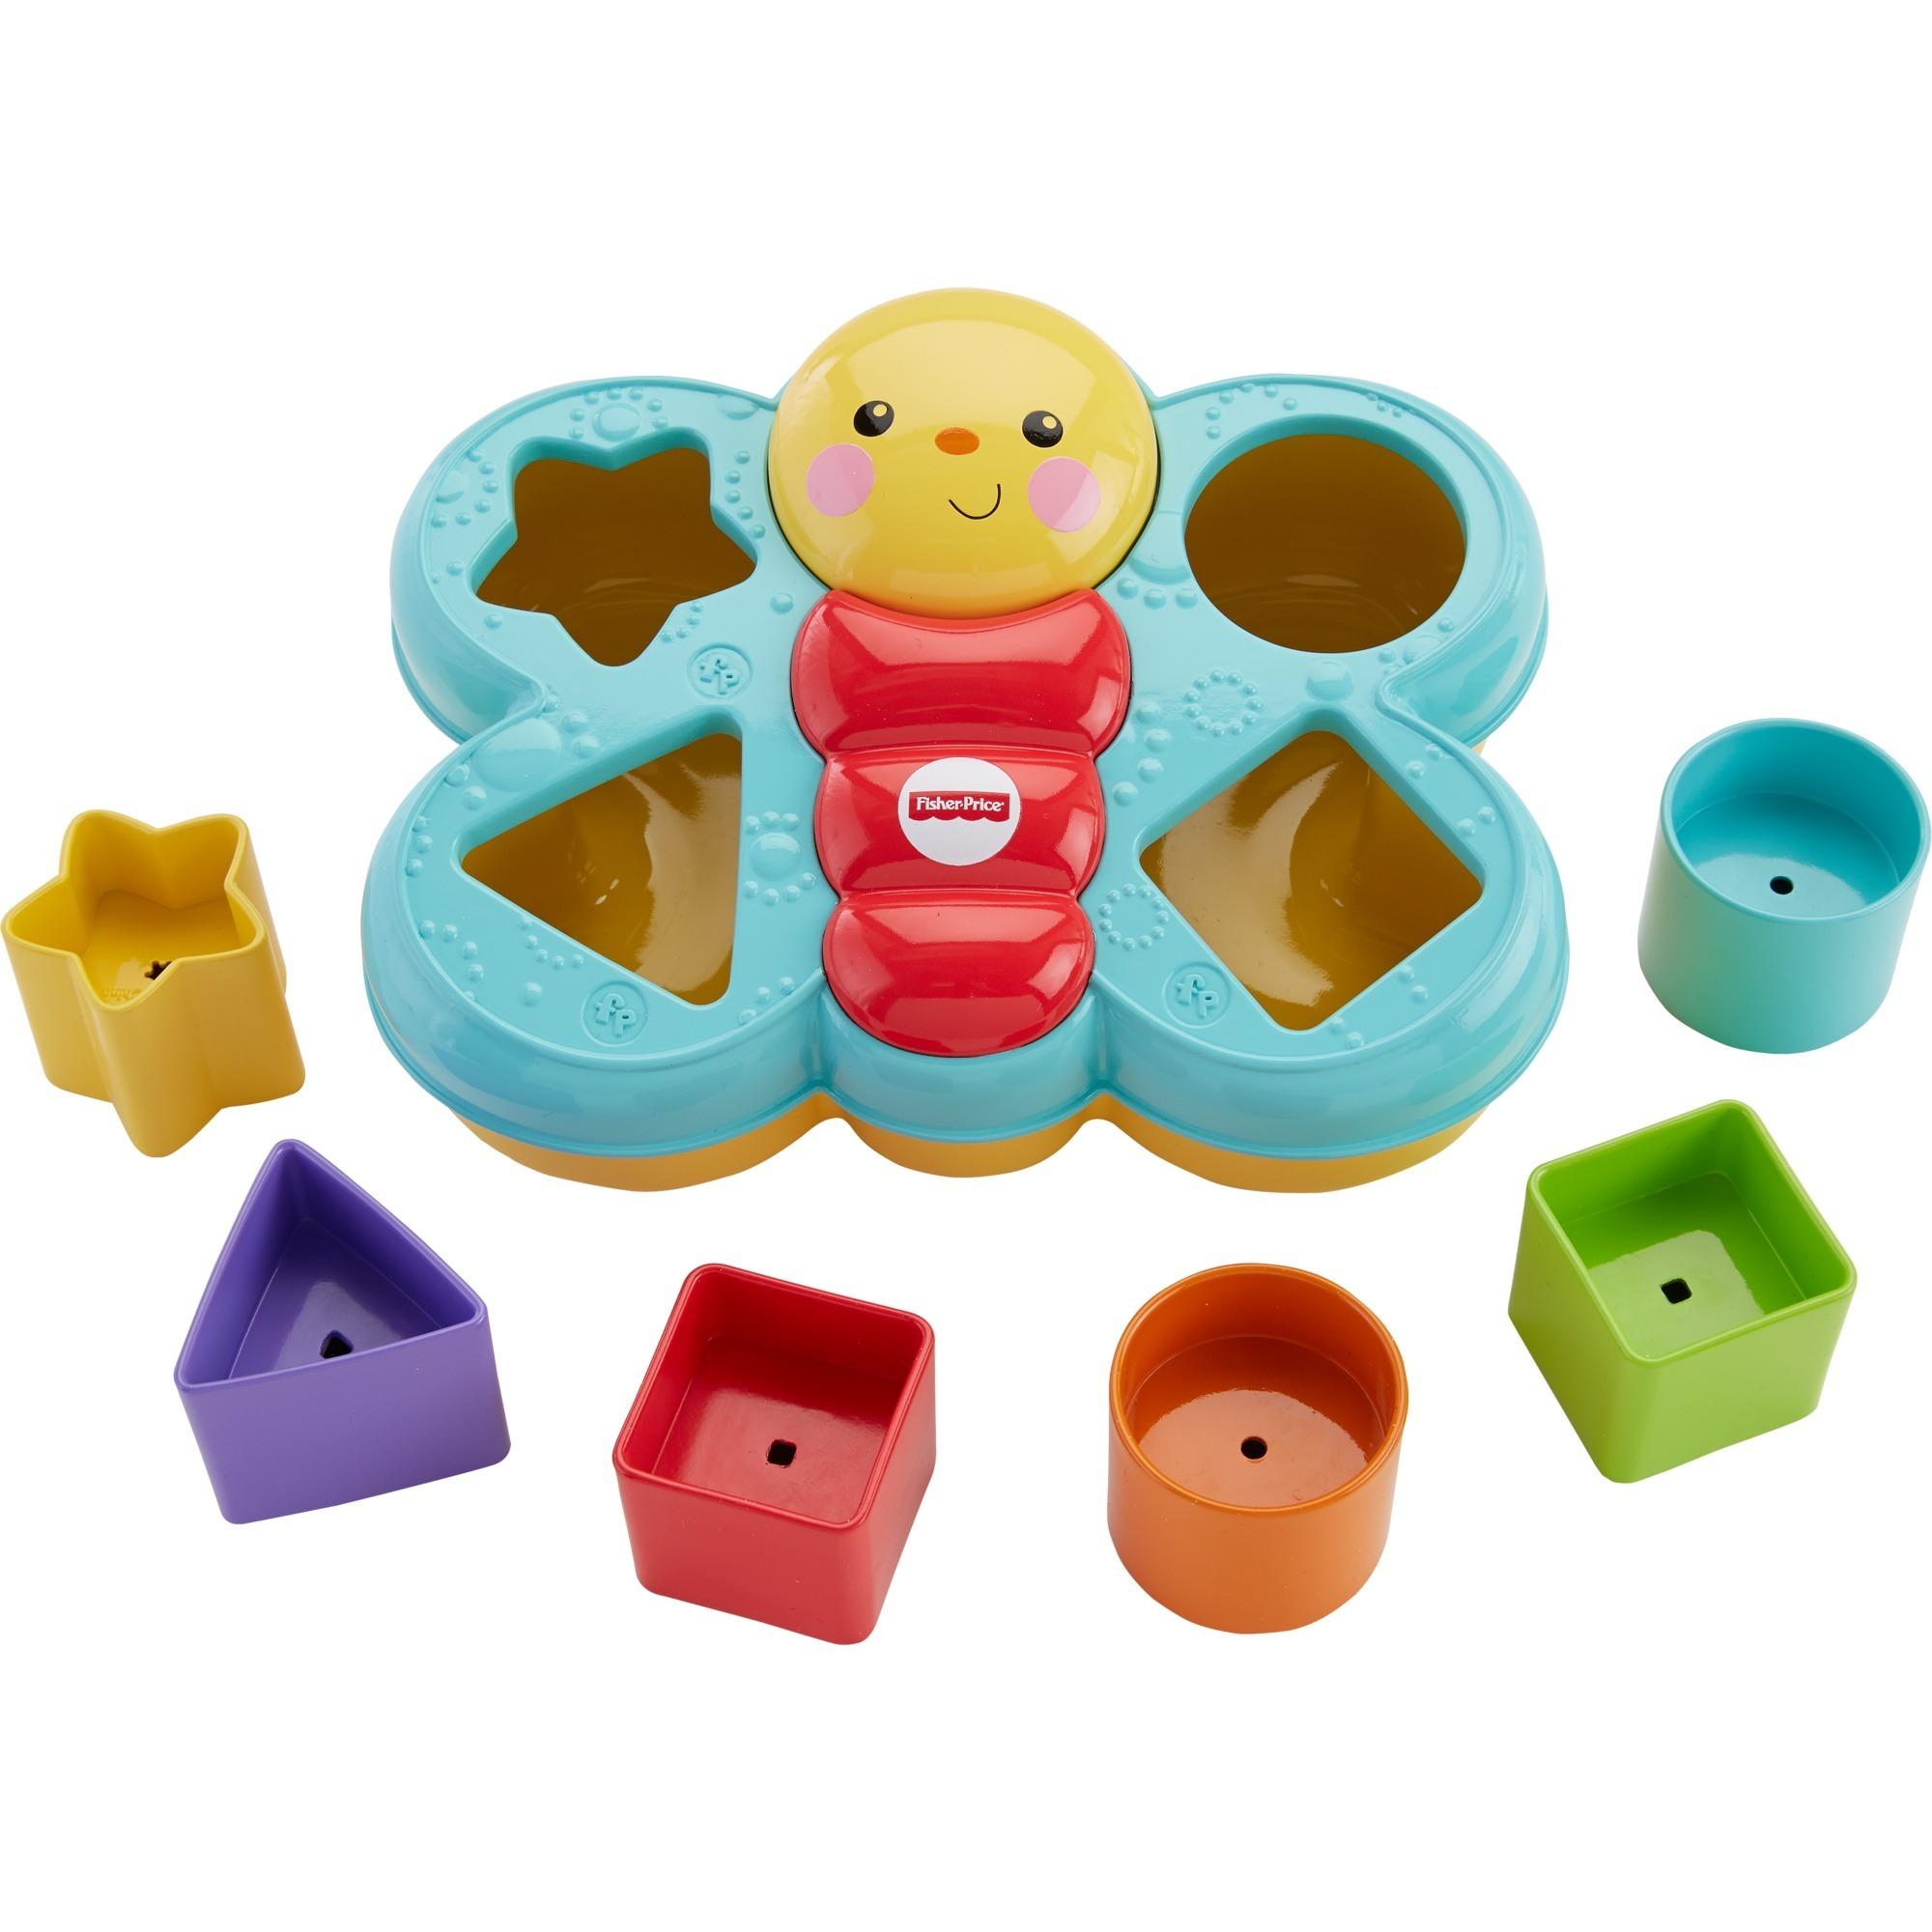 Everything Baby CDC22 Multicolor De plástico juguete de habilidad motora, Juego de destreza